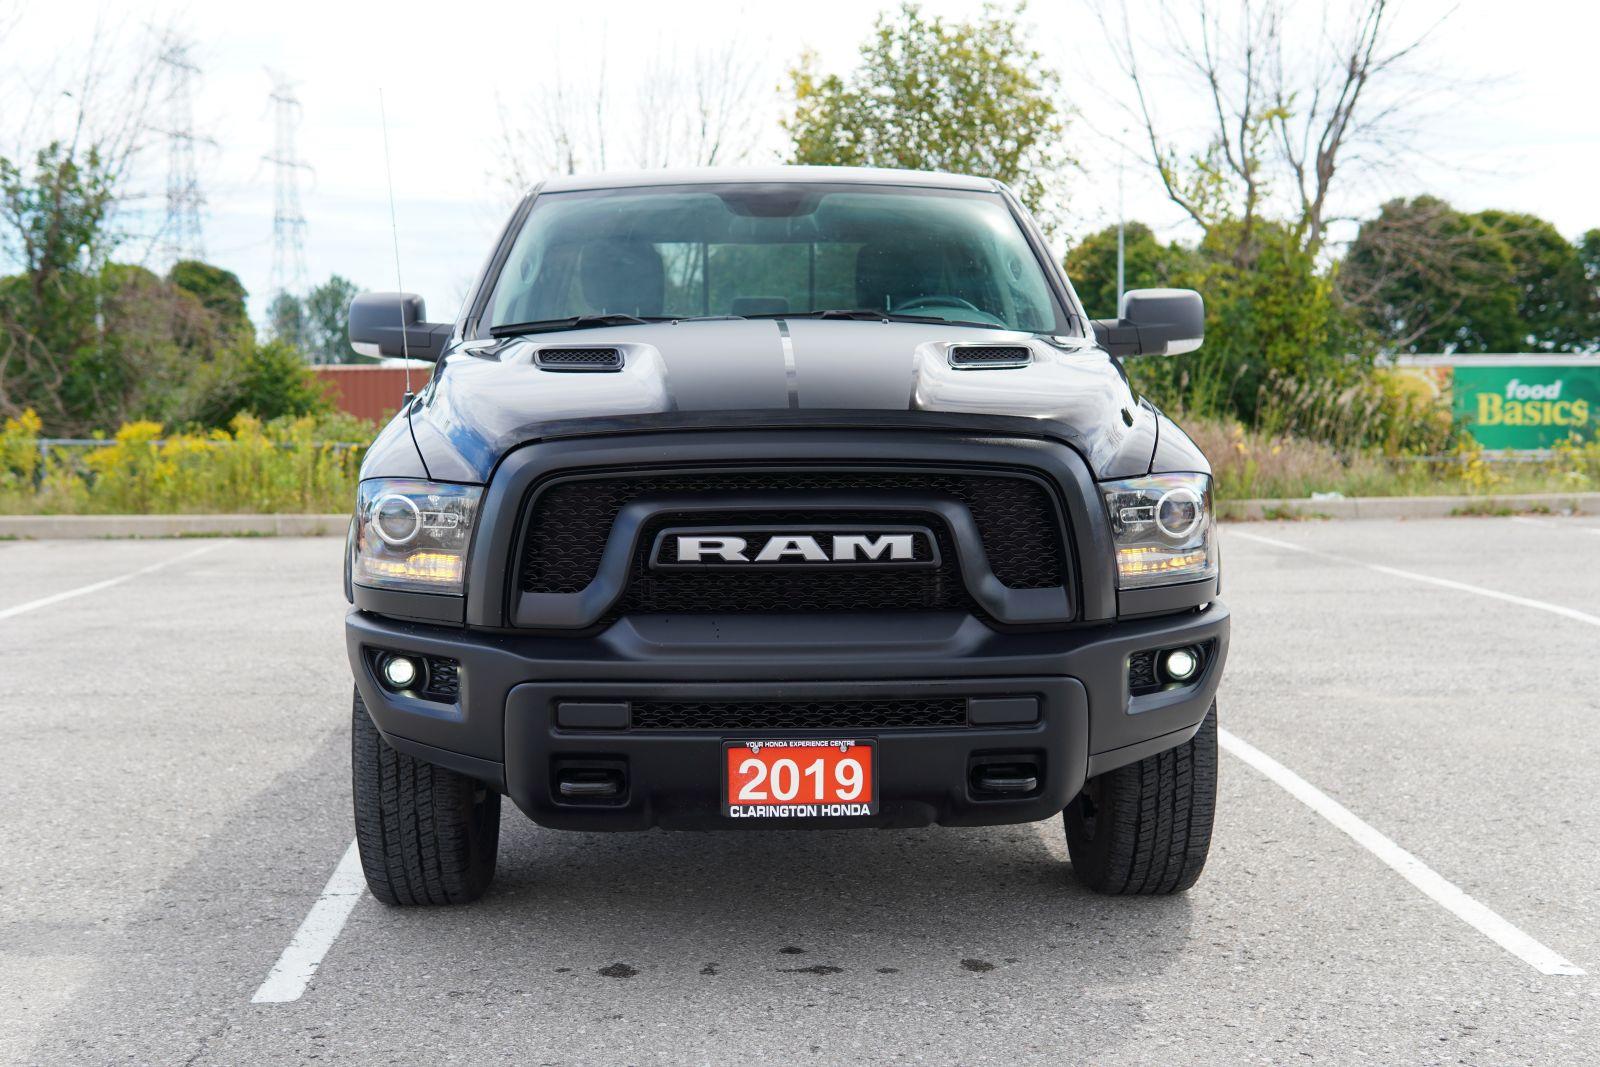 2019 RAM RAM 1500 Crew Cab 4x4 (DS)